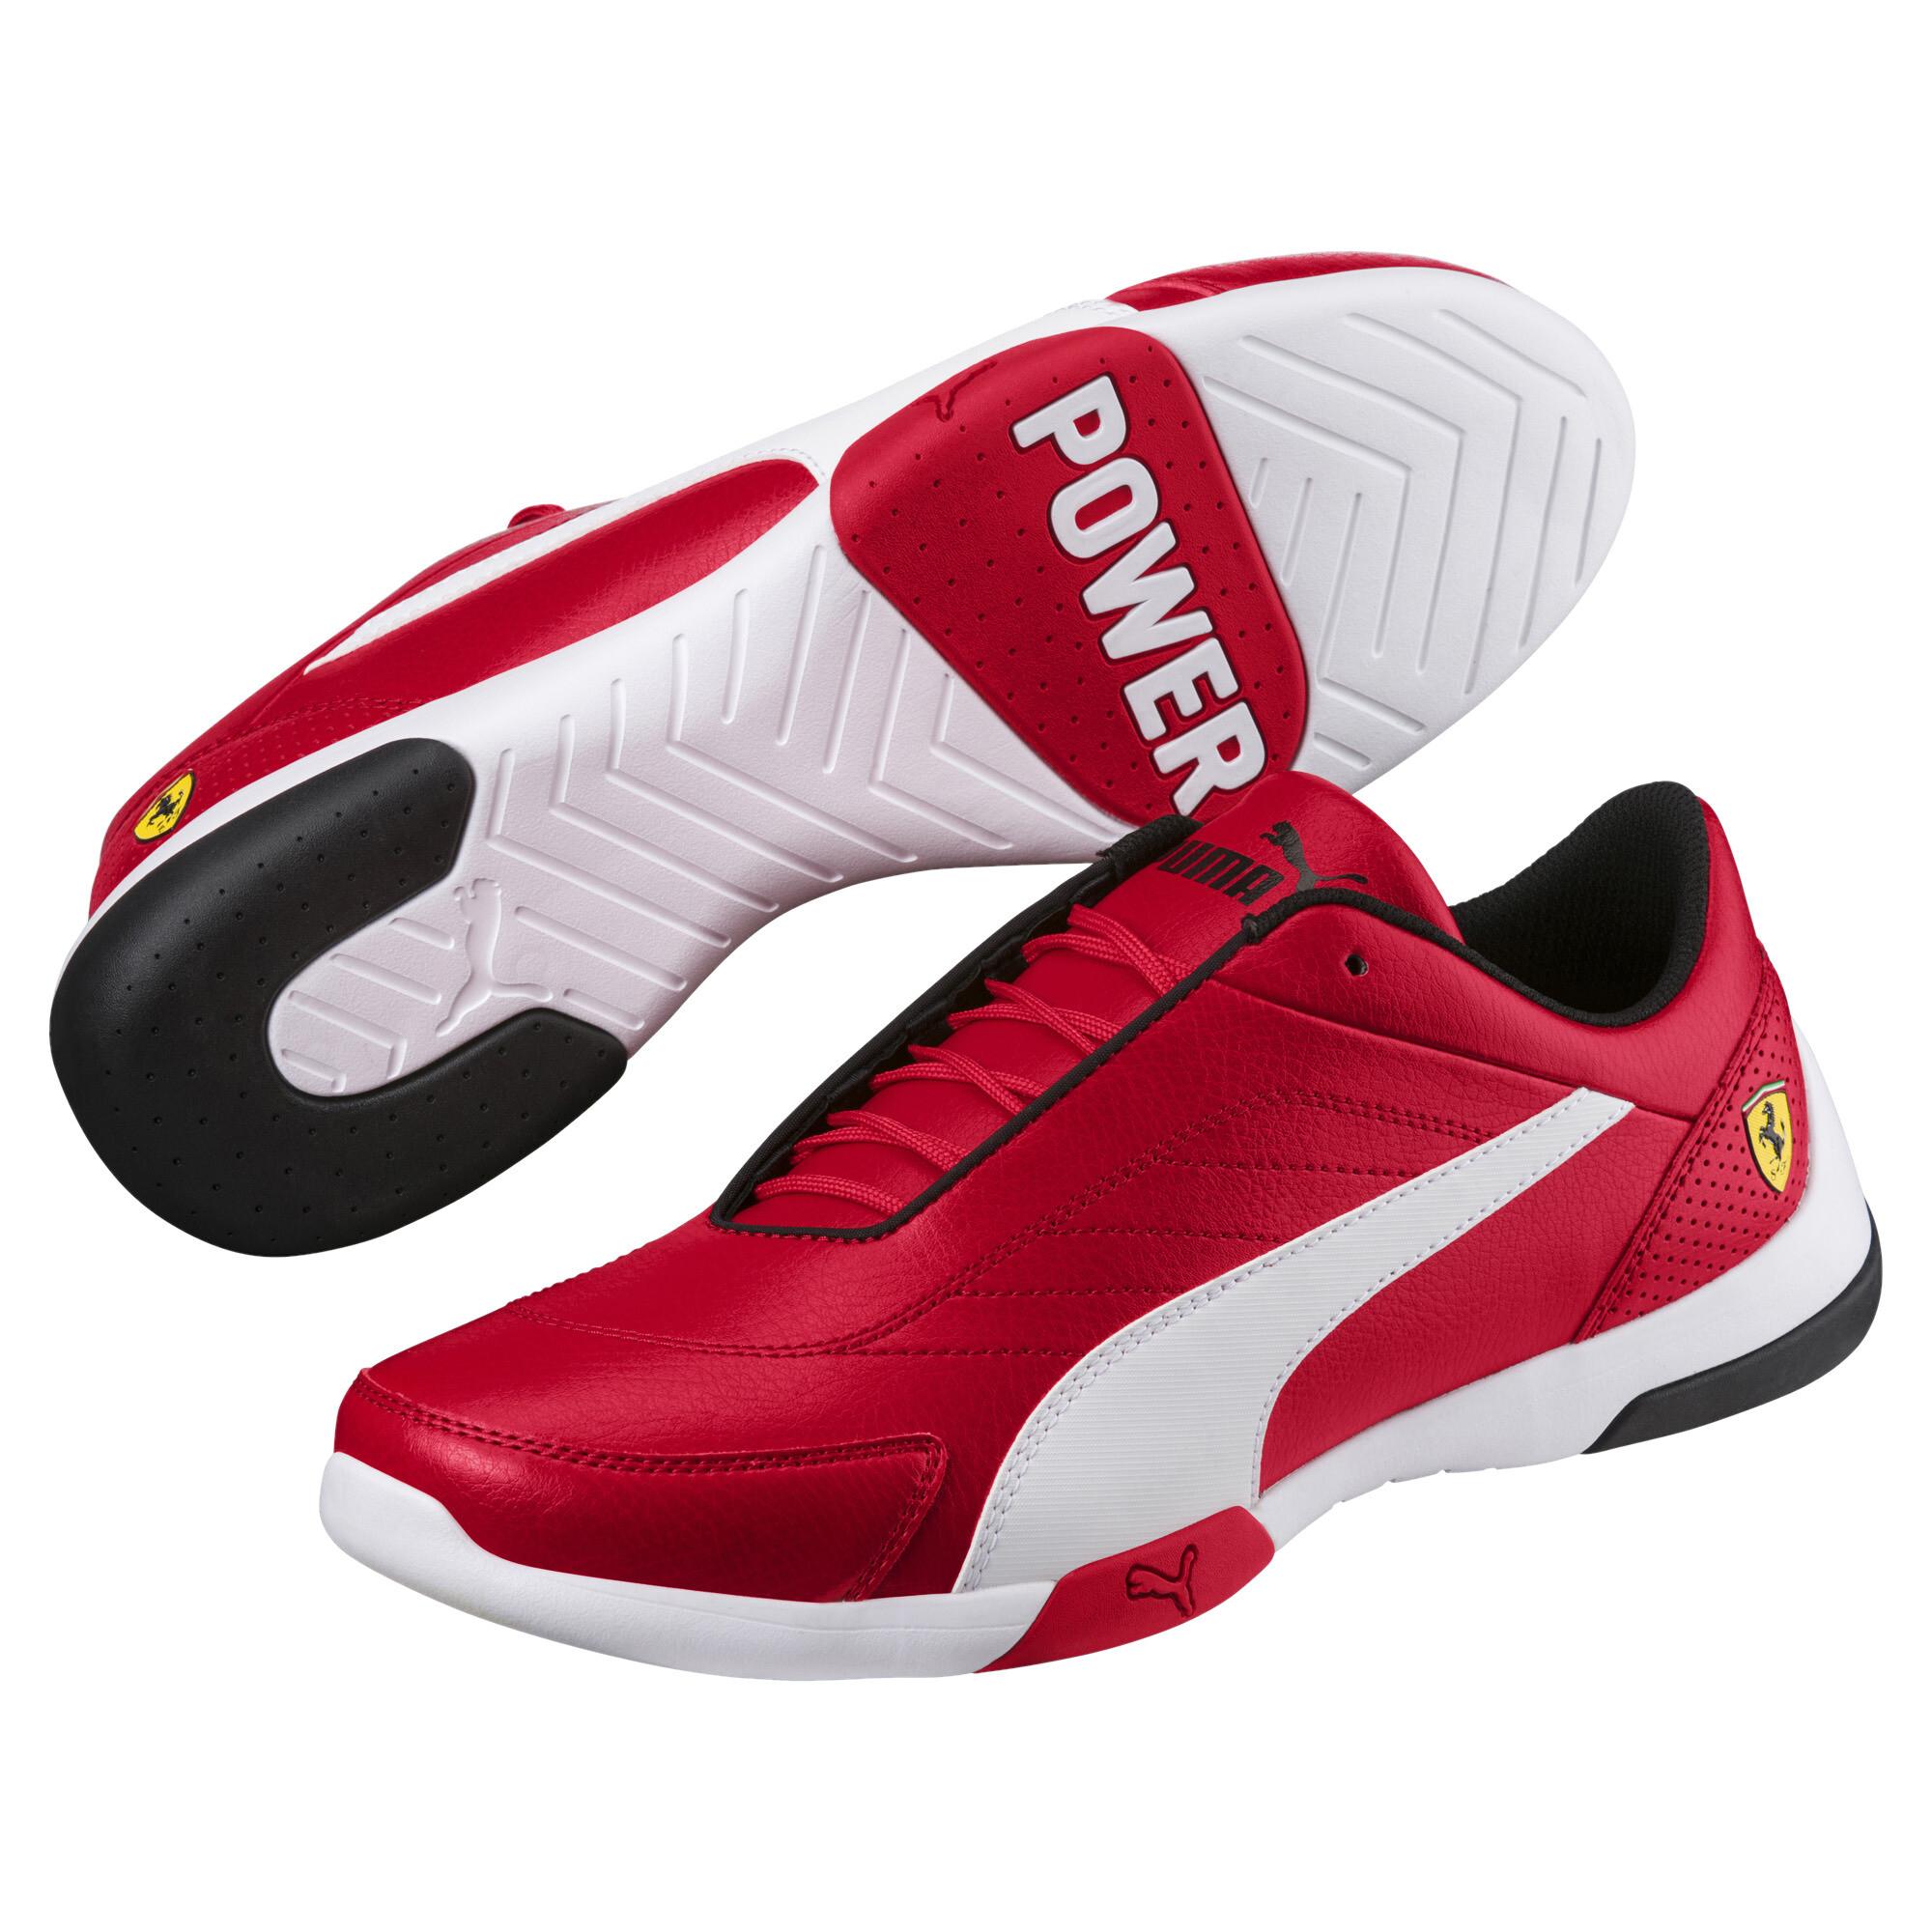 PUMA-Scuderia-Ferrari-Kart-Cat-III-Shoes-Men-Shoe-Auto thumbnail 22